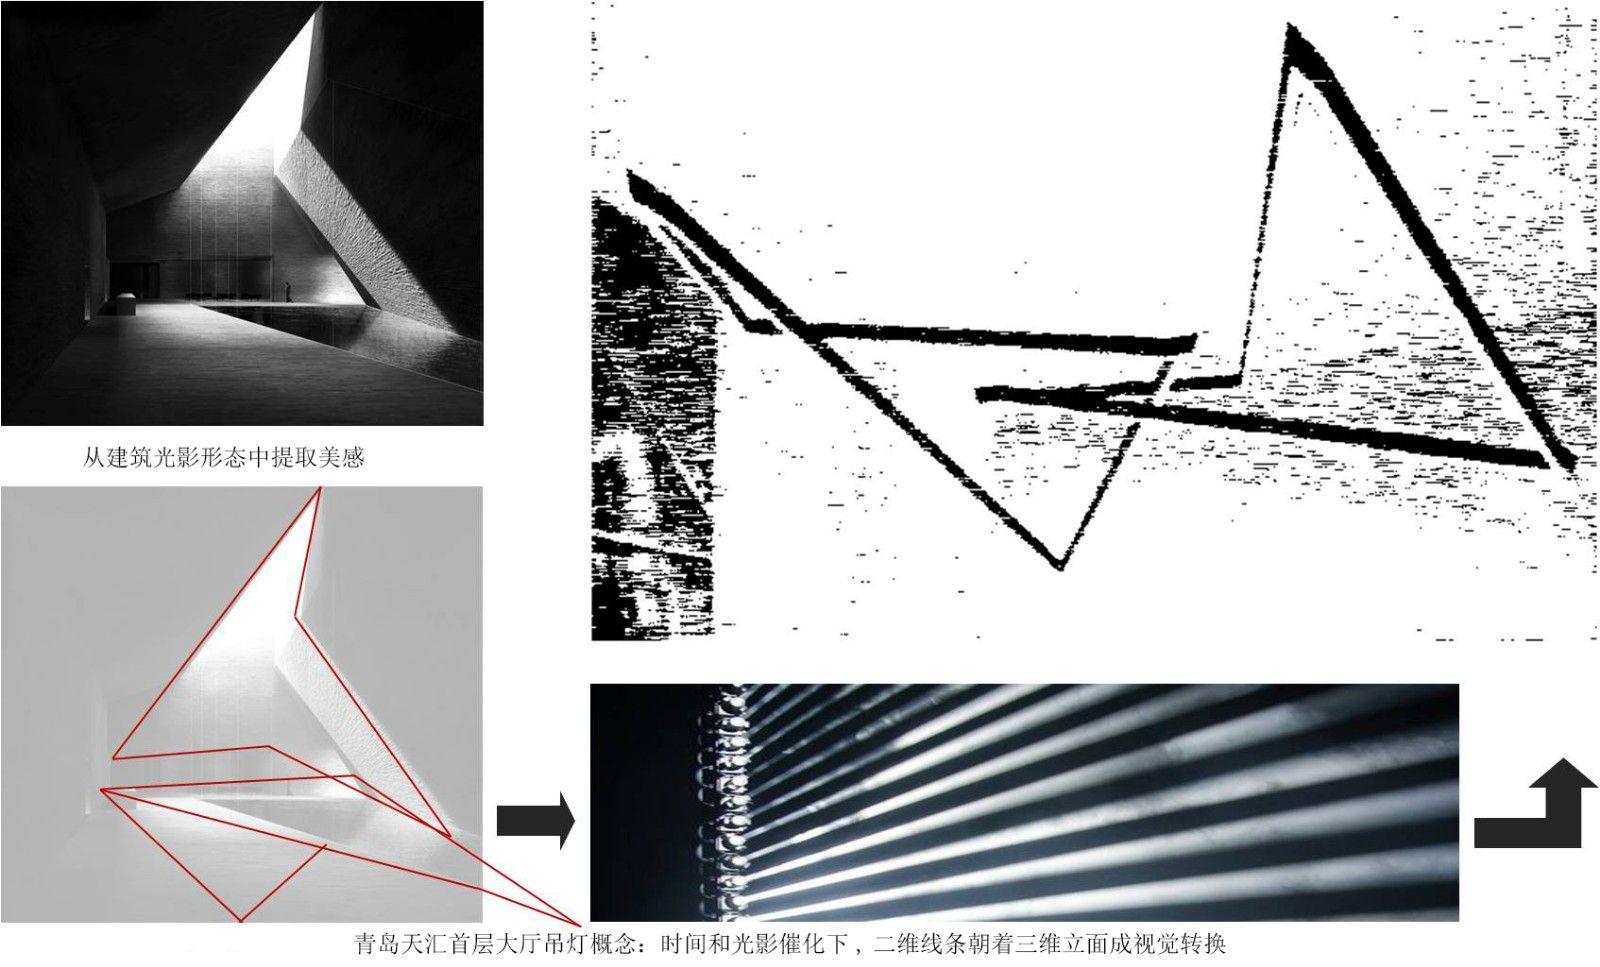 时间记事本:青岛保利天汇售楼部 | JLa设计集团